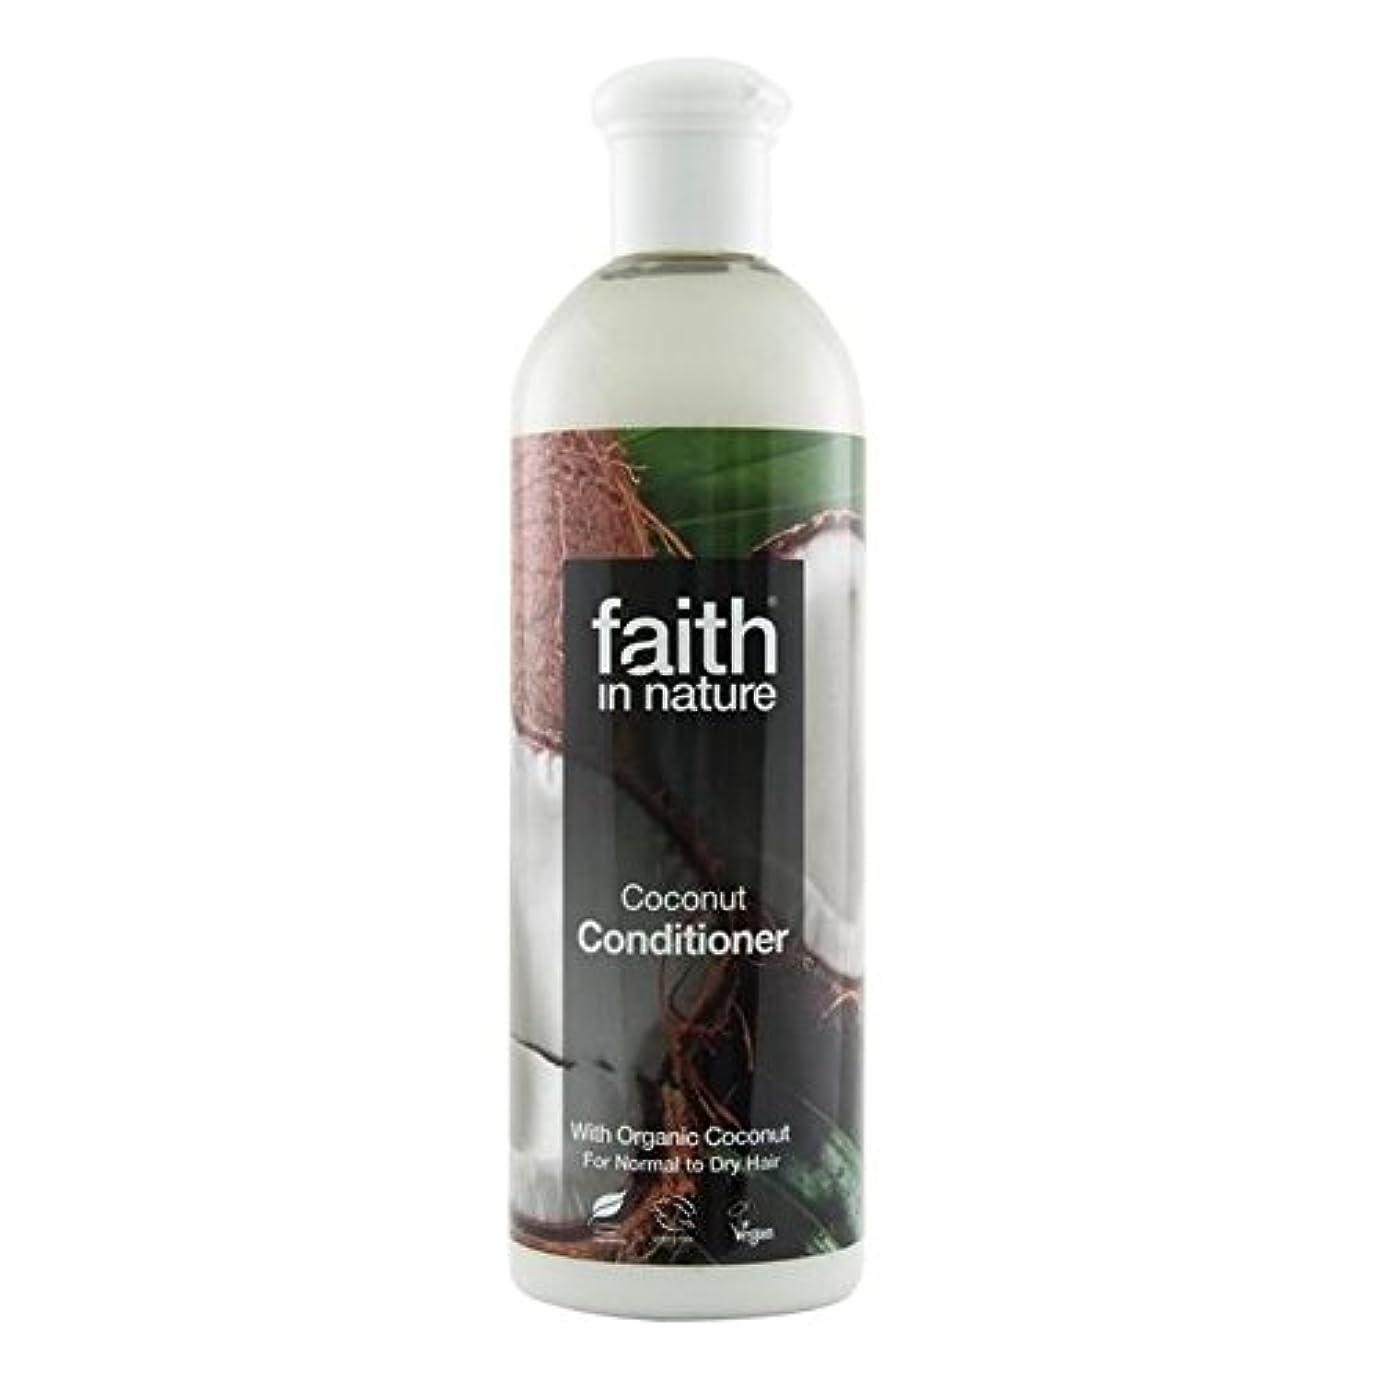 露出度の高いマニフェスト魅力的であることへのアピールFaith in Nature Coconut Conditioner 400ml (Pack of 2) - (Faith In Nature) 自然ココナッツコンディショナー400ミリリットルの信仰 (x2) [並行輸入品]